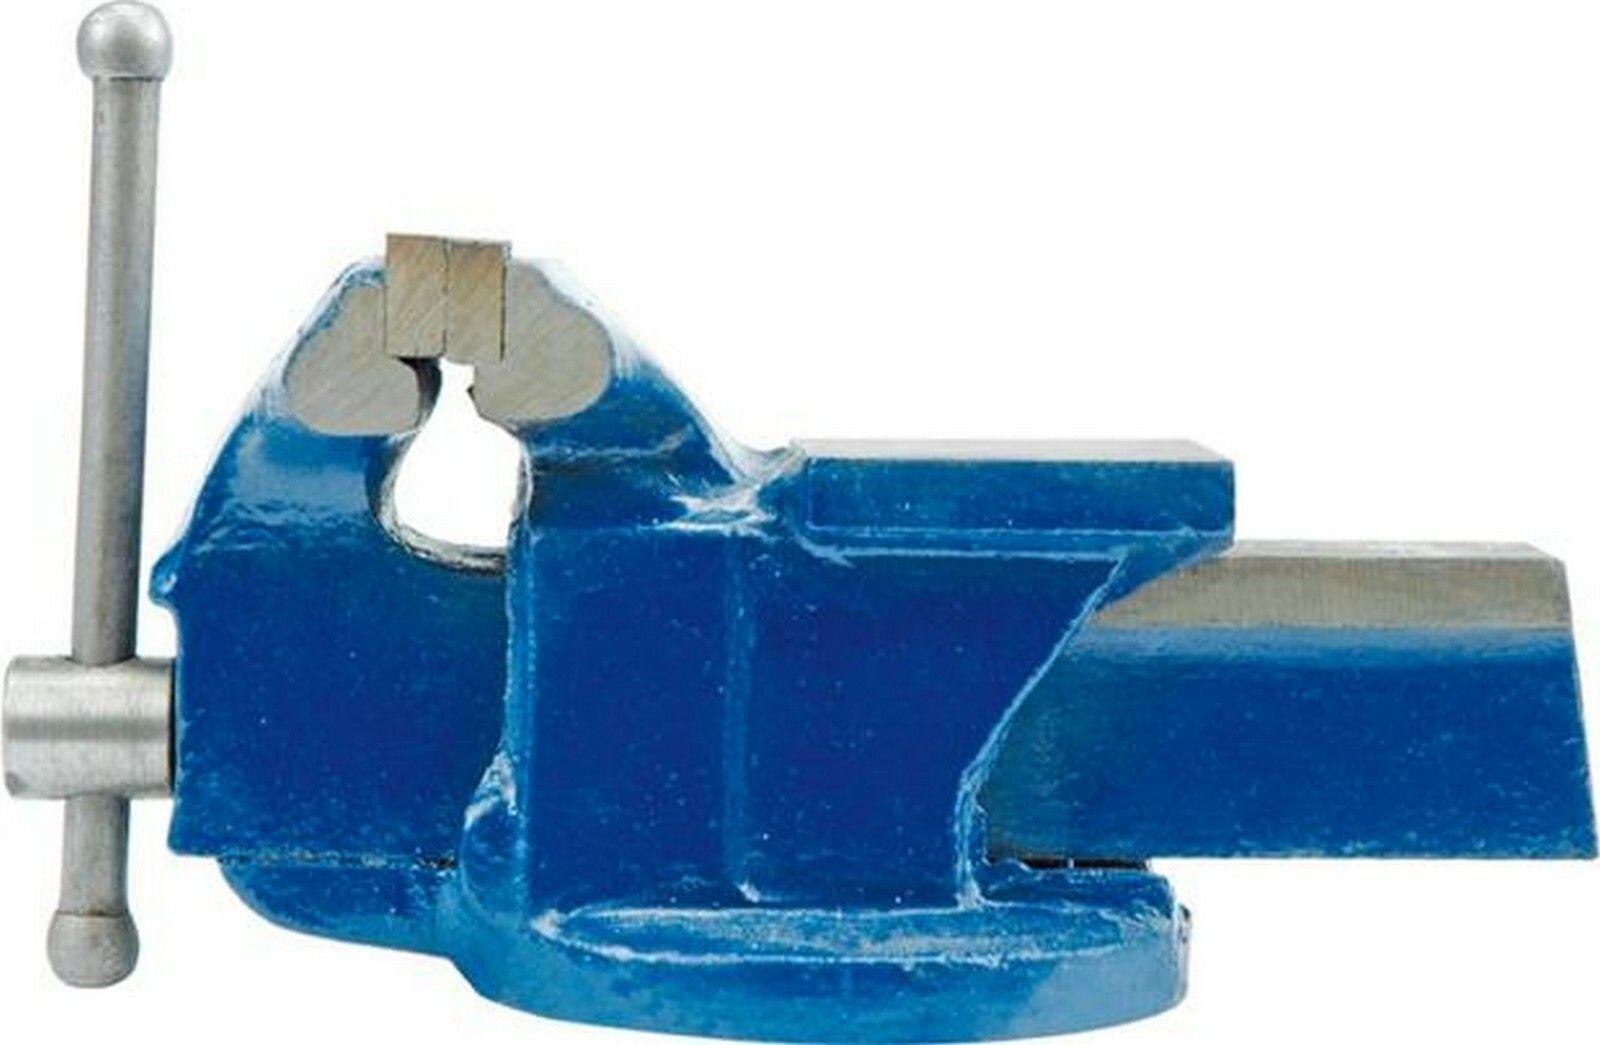 Svěrák zámečnický 150 mm TOYA